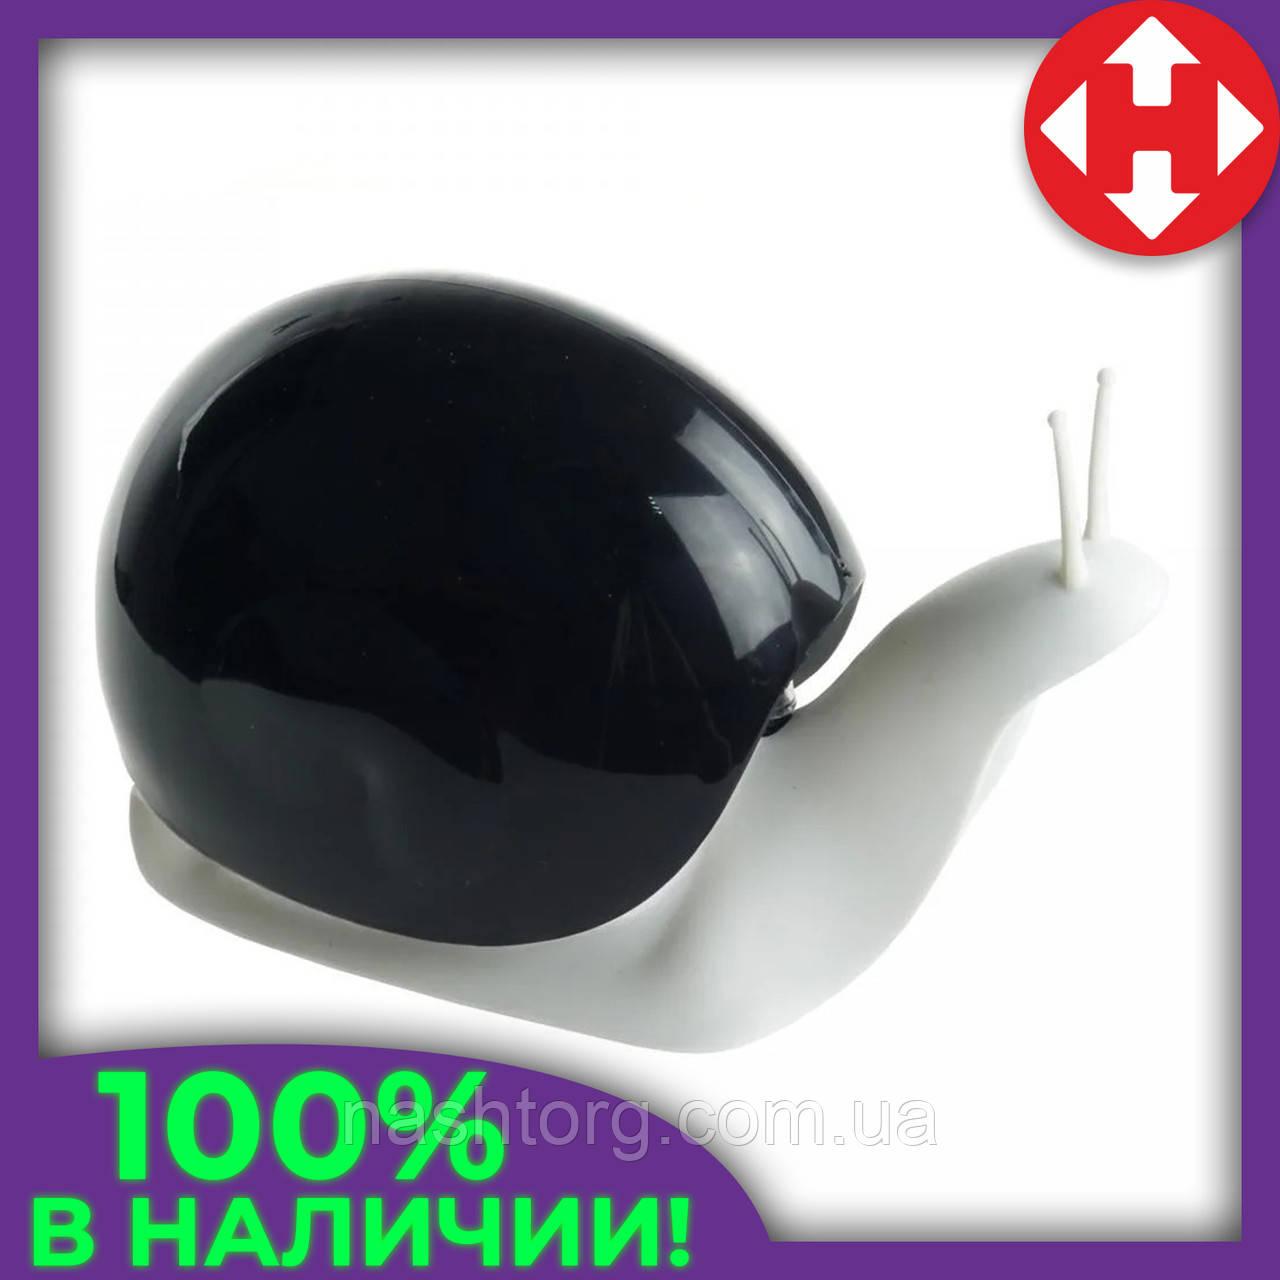 Распродажа! Дозатор для жидкого мыла улитка Snail мыльница черная - диспенсер для мыла настольный с доставкой